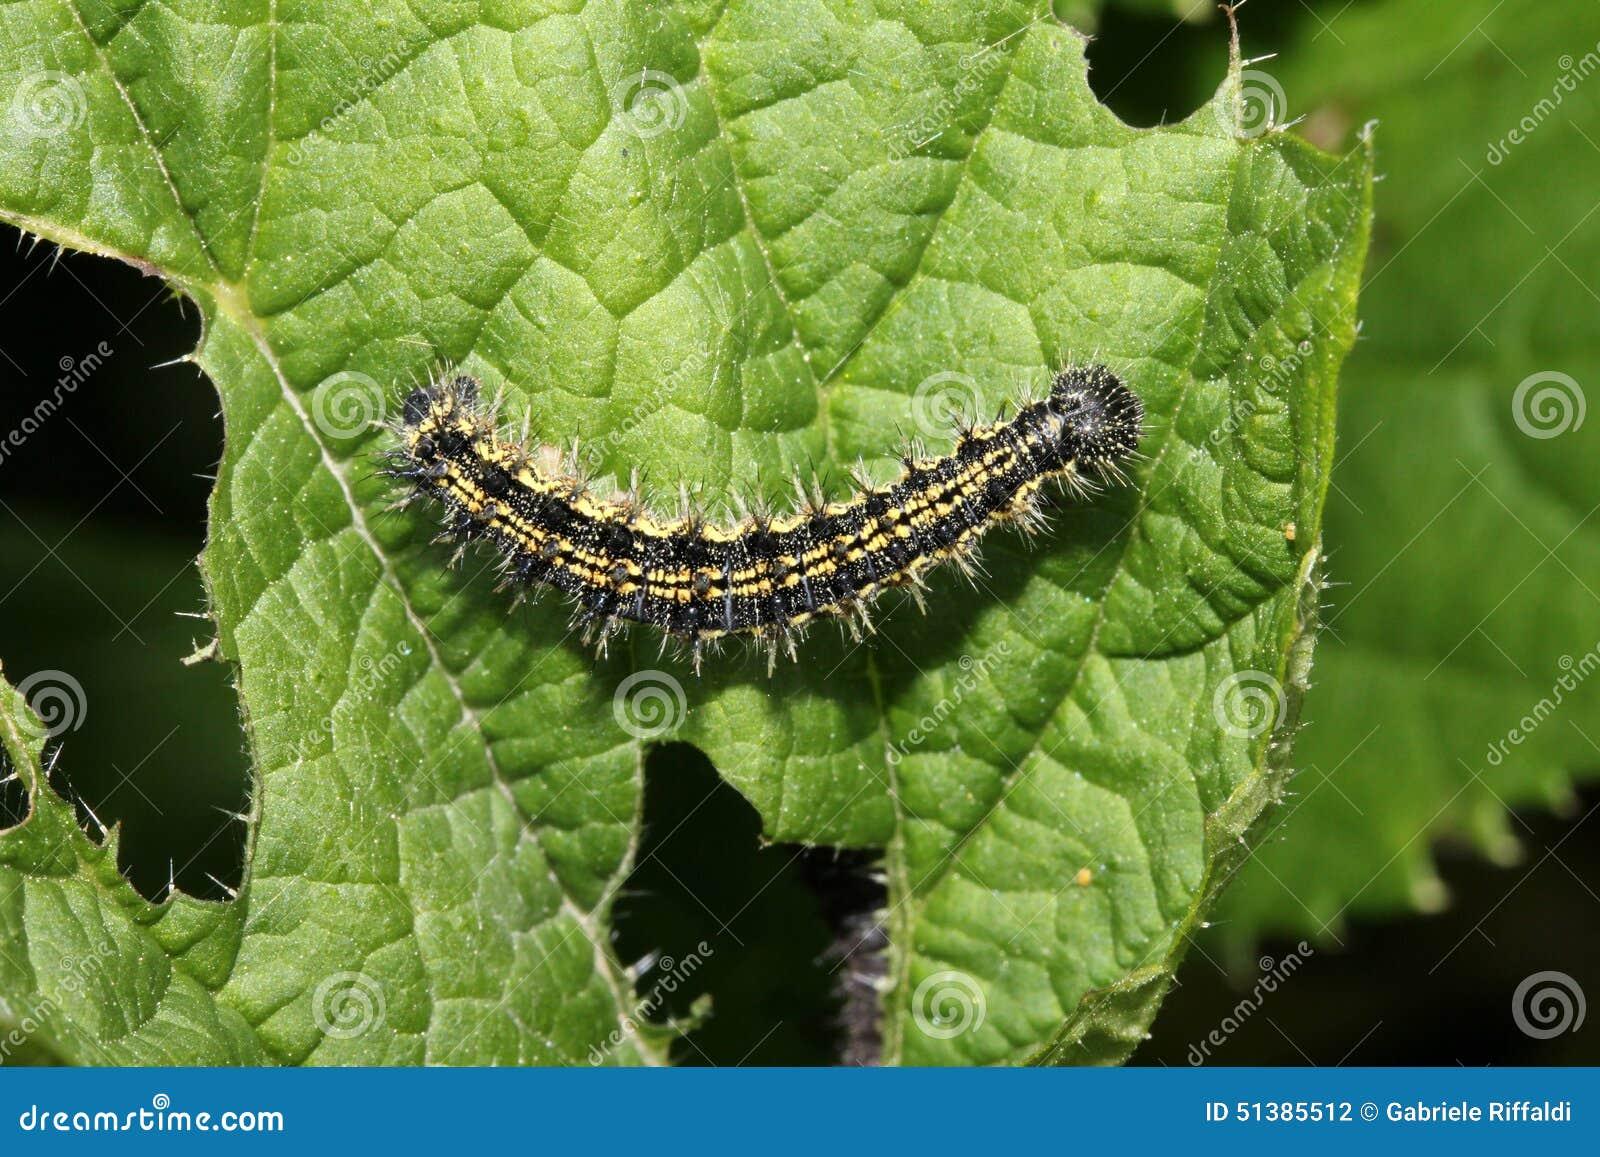 Chenille jaune et noire urticae de vanessa photo stock image 51385512 - Chenille verte et noire ...